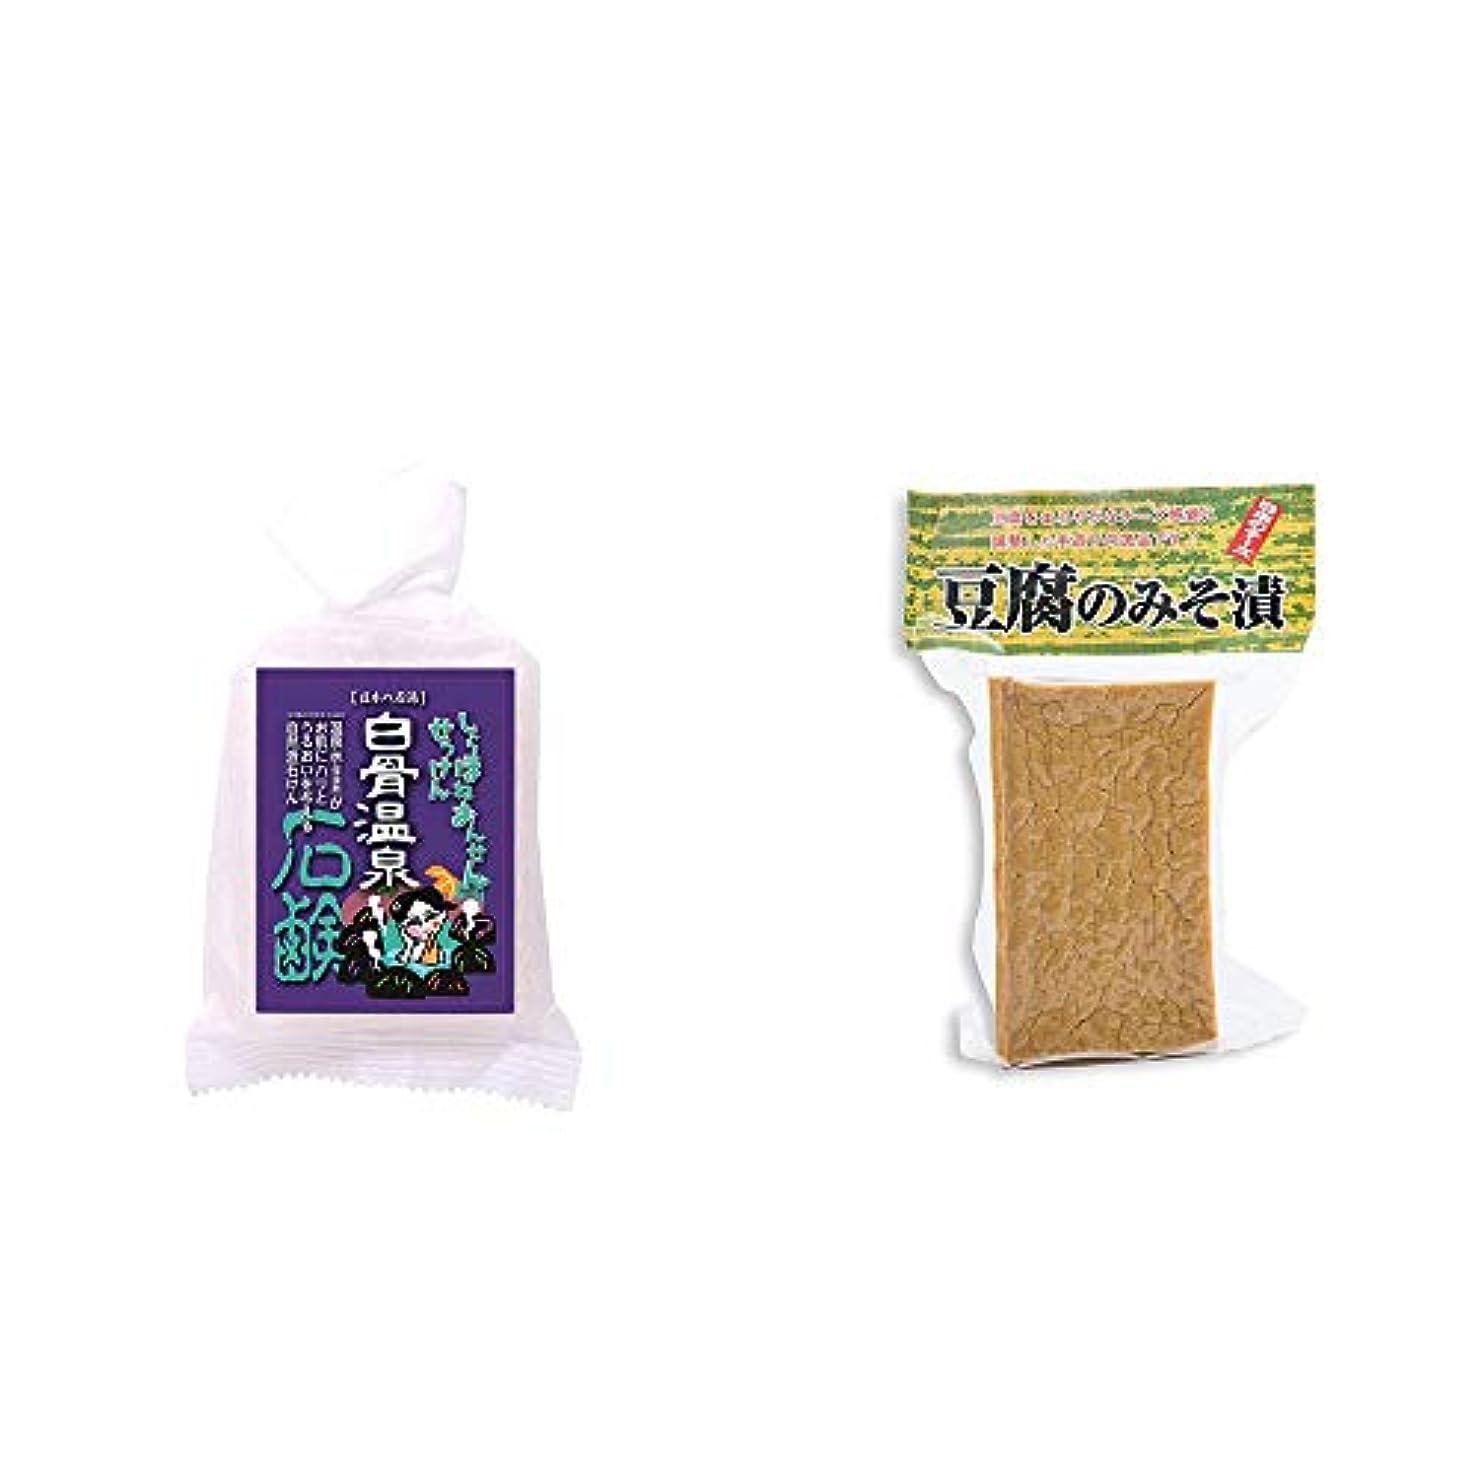 説得力のあるブレンド階段[2点セット] 信州 白骨温泉石鹸(80g)?日本のチーズ 豆腐のみそ漬(1個入)